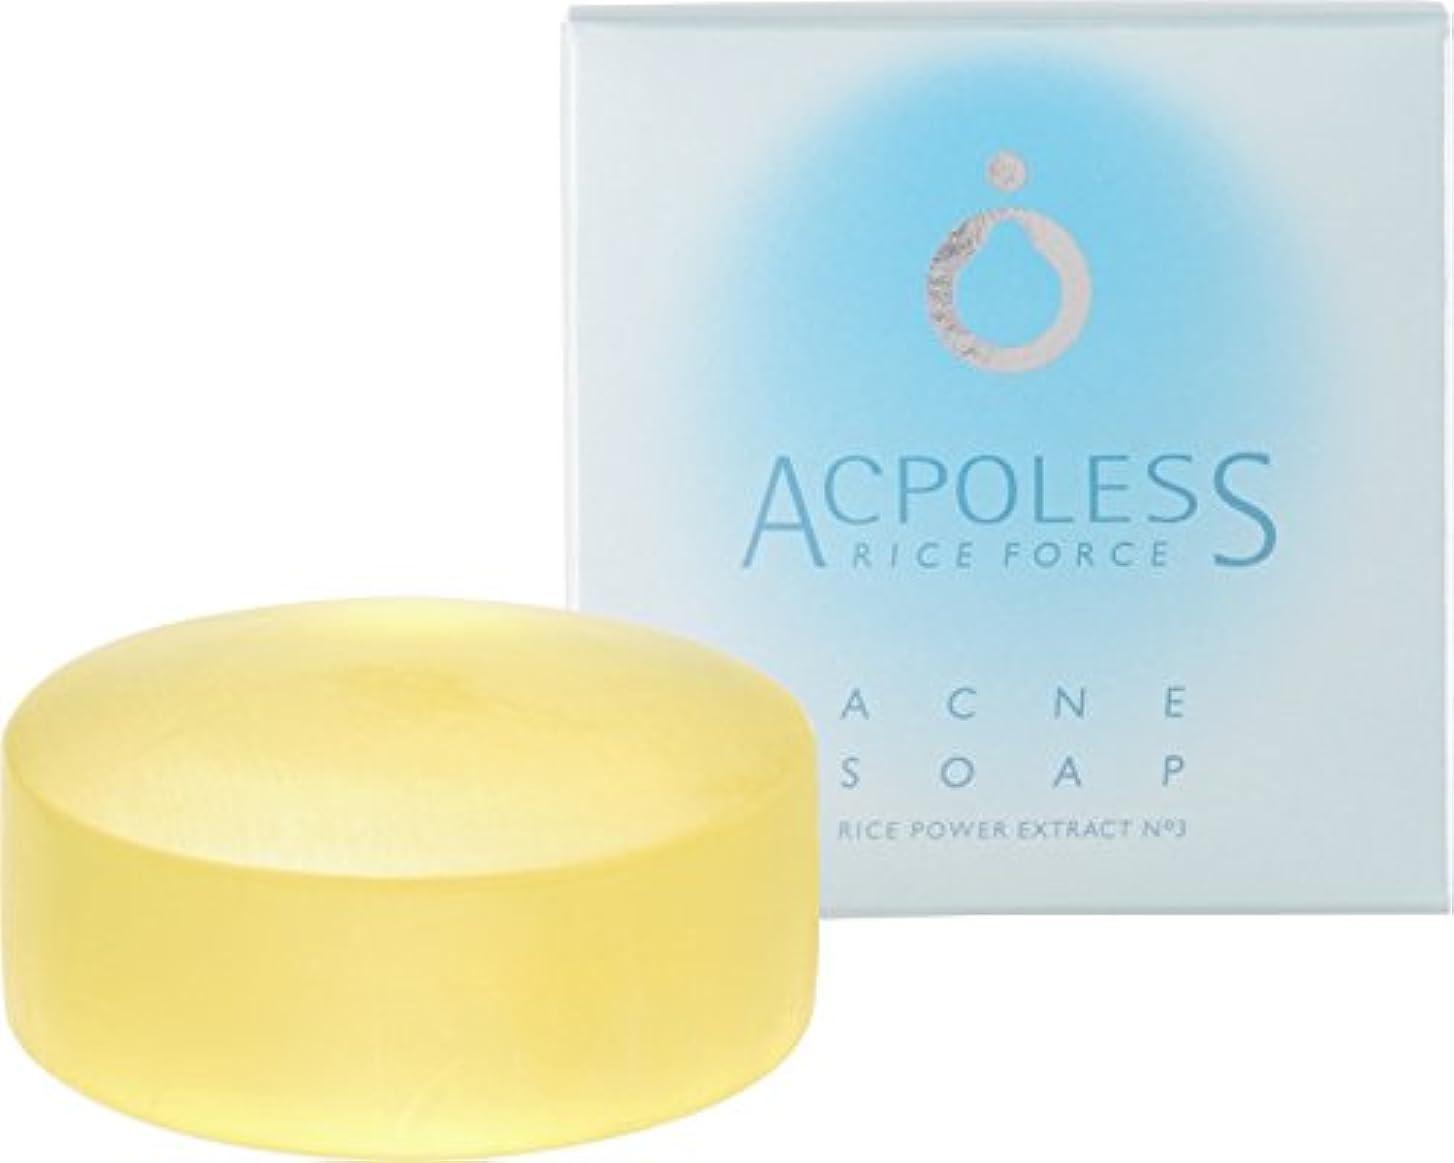 スプーン骨の折れるパッチライスフォース アクポレス アクネソープ(薬用洗顔石鹸) 80g